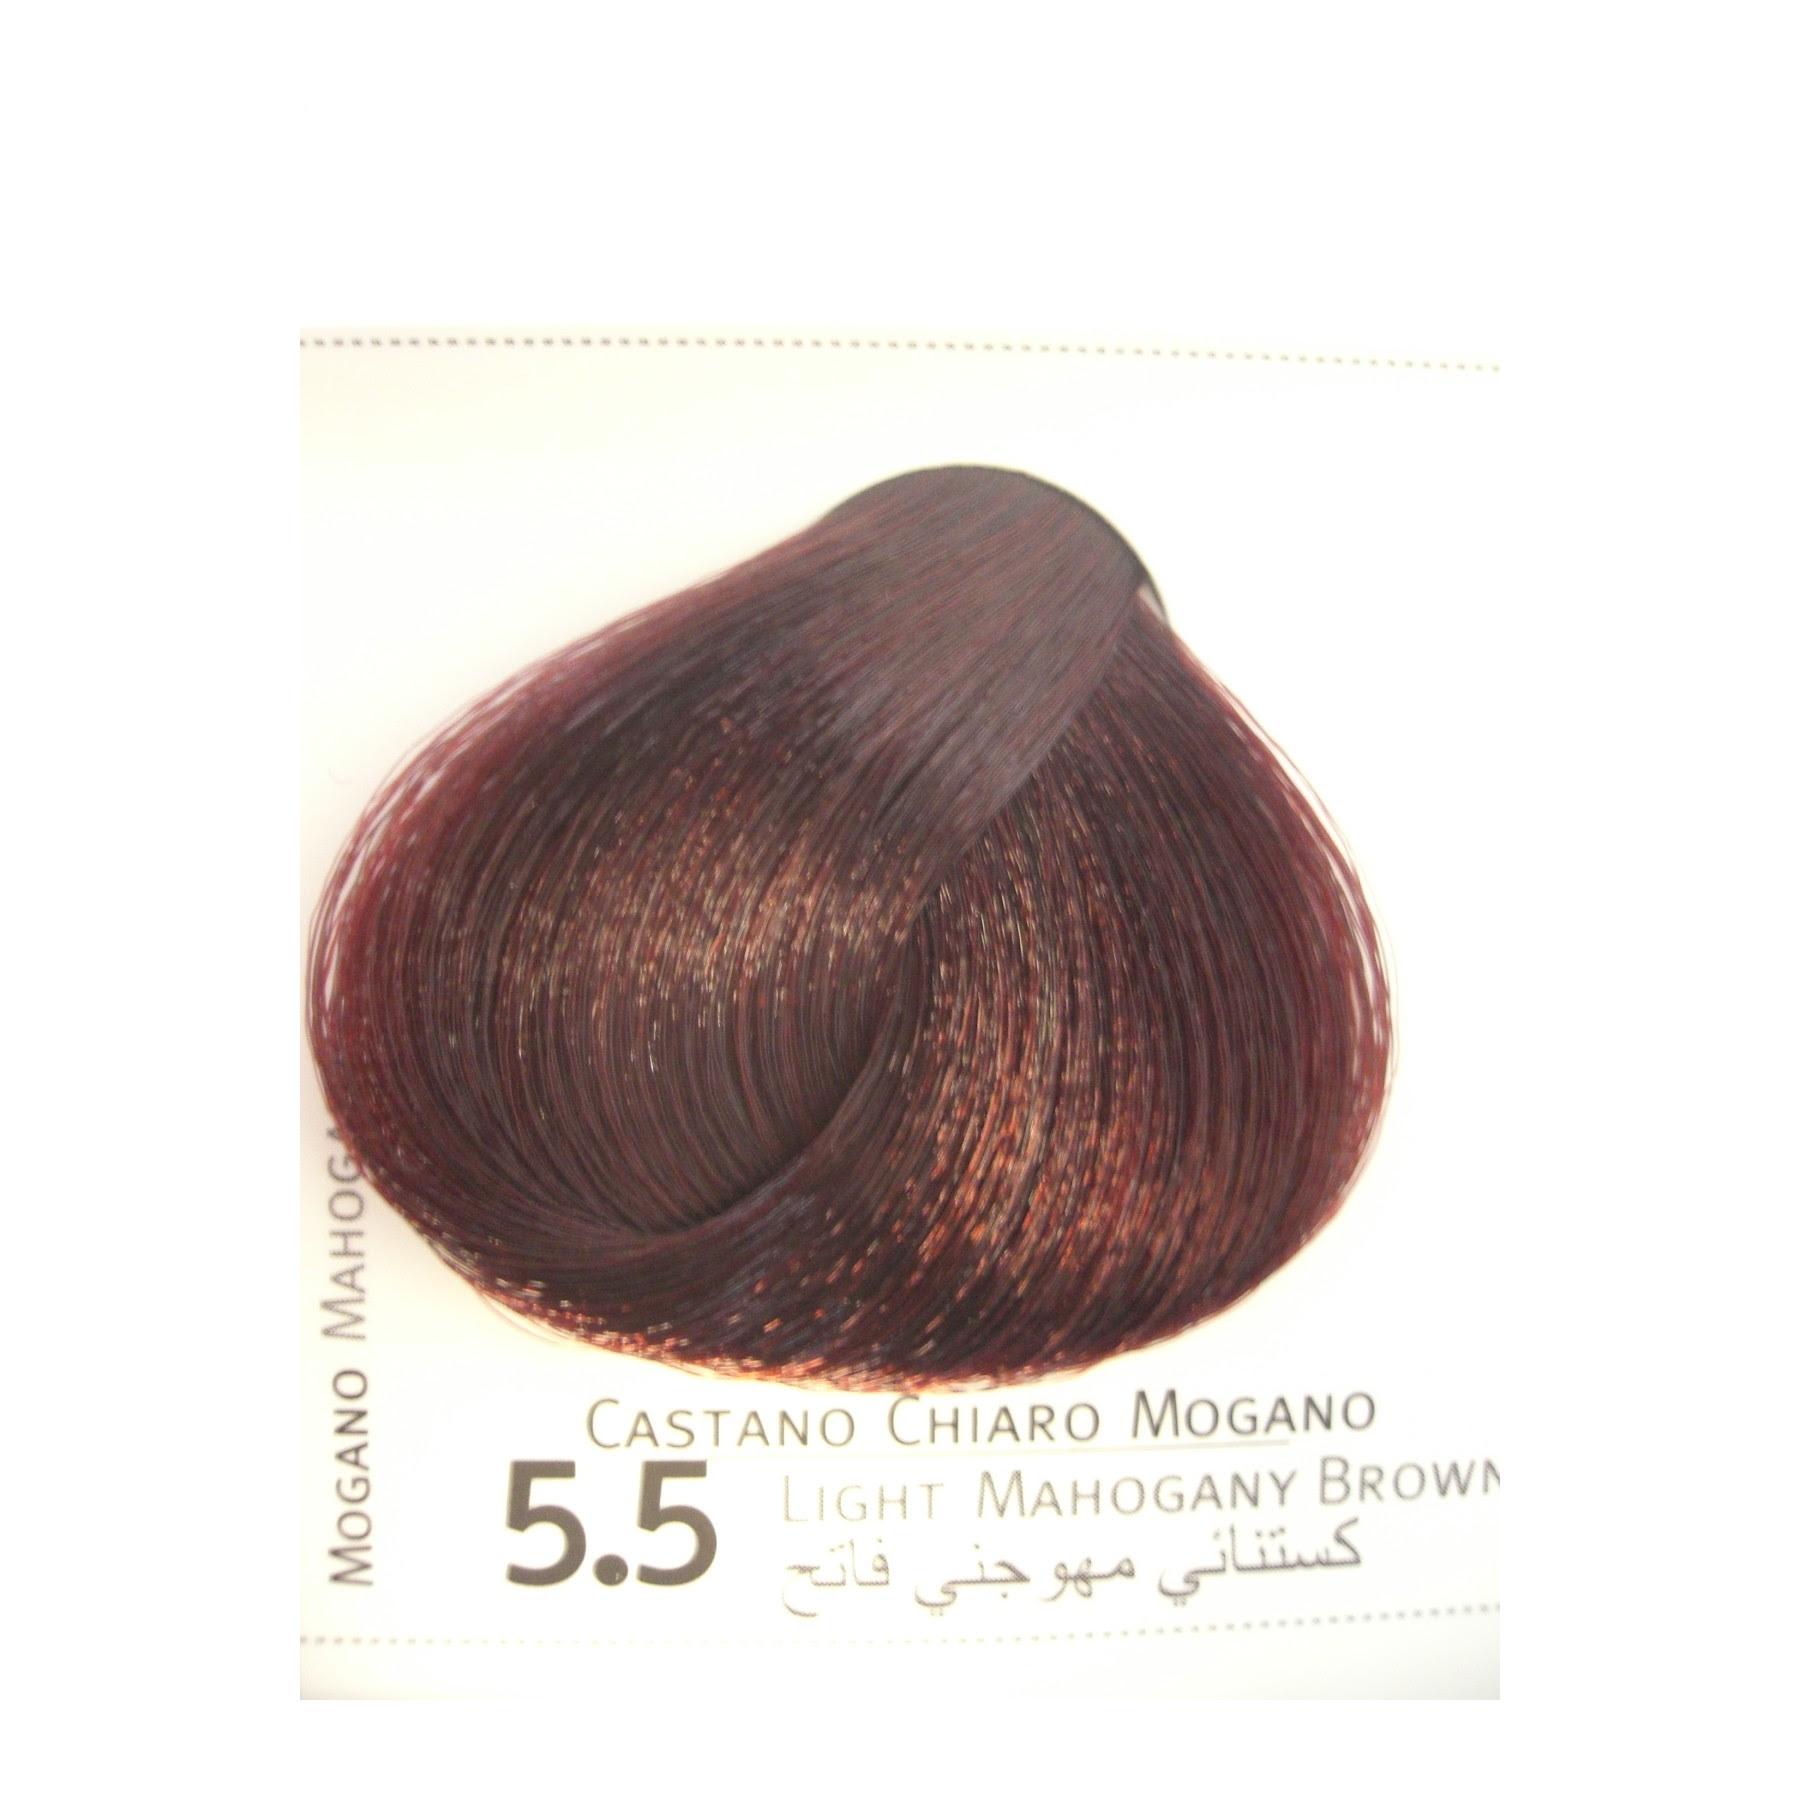 colore capelli castano chiaro mogano - Mogano il colore capelli che può essere sia castano sia rosso